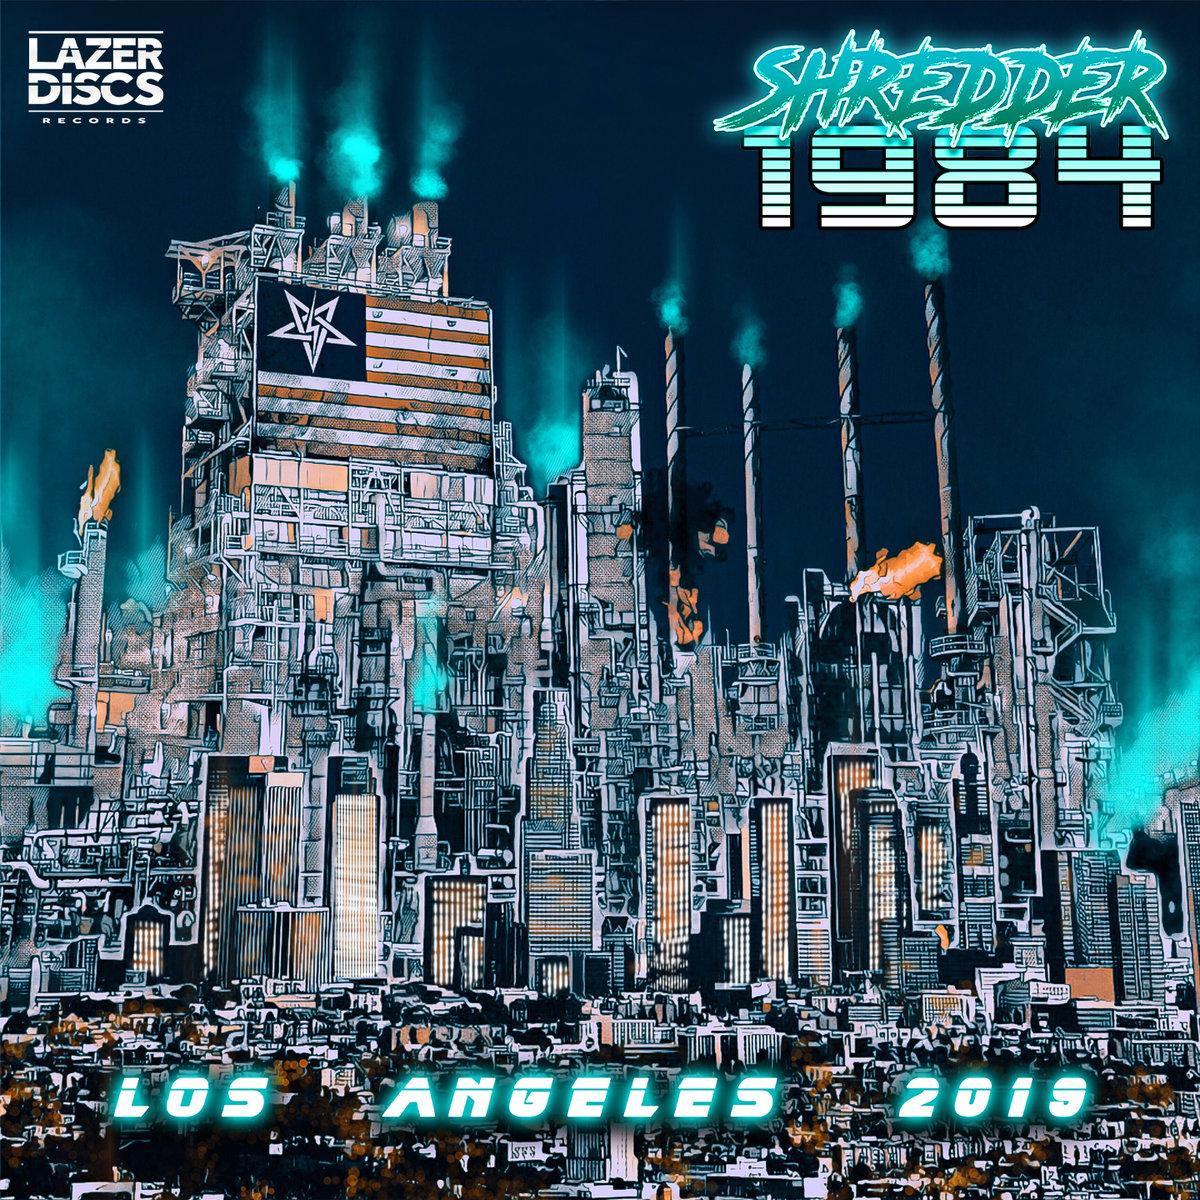 Shredder 1984 - Los Angeles 2019